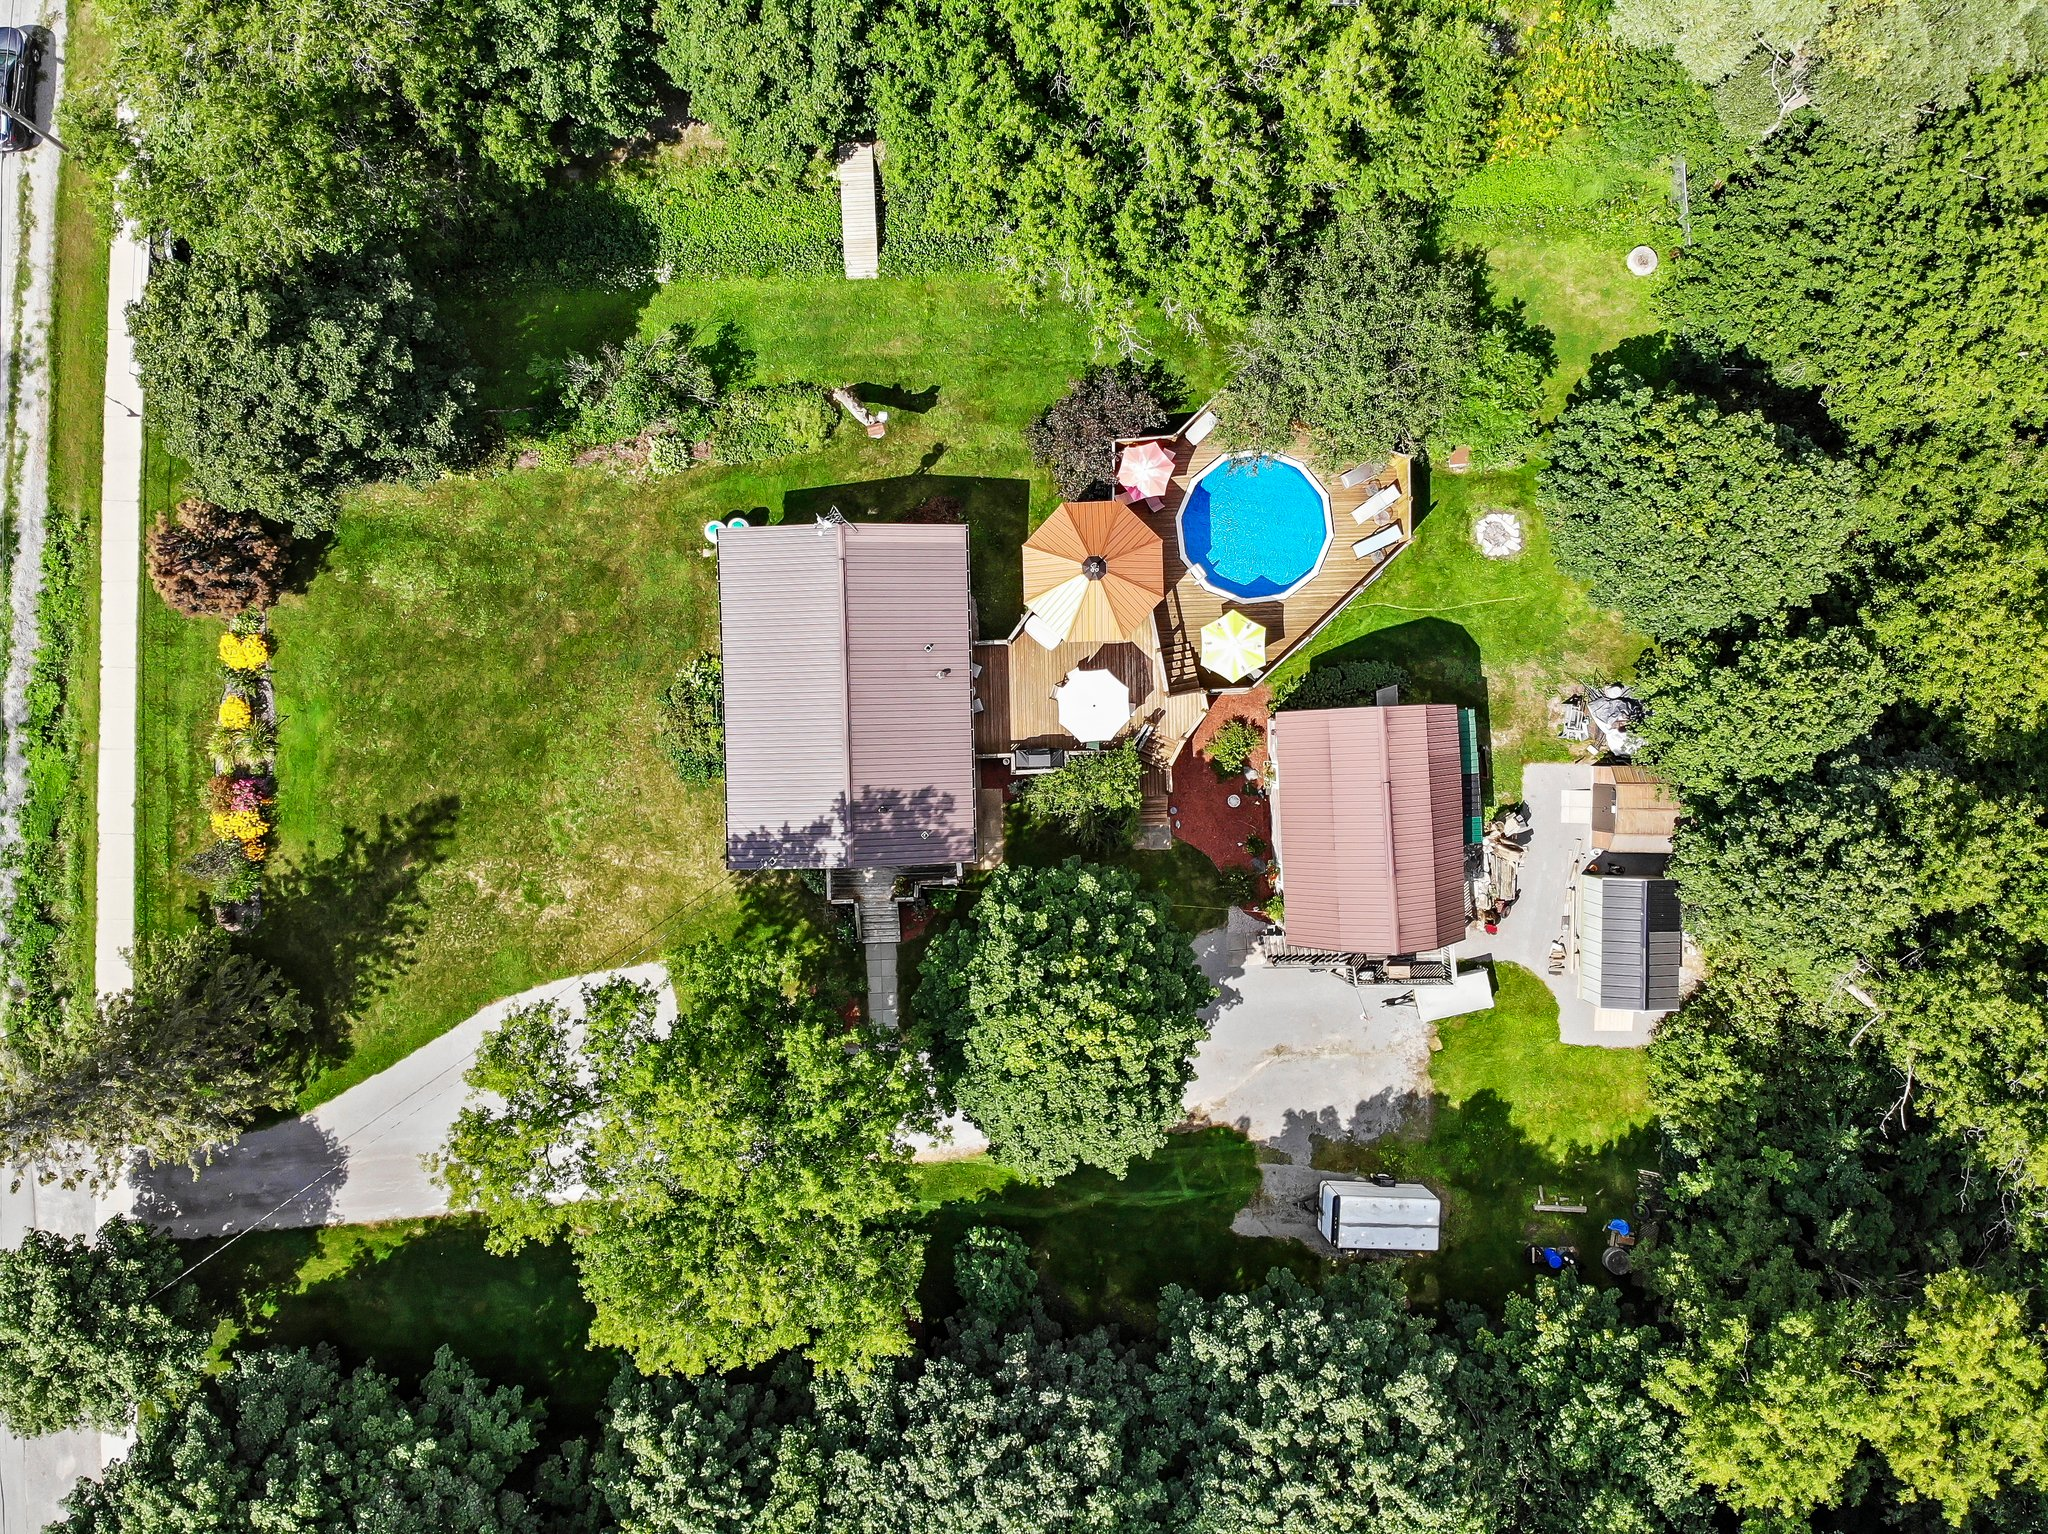 1734 Kirkfield Rd, Kirkfield, ON K0M 2B0, Canada